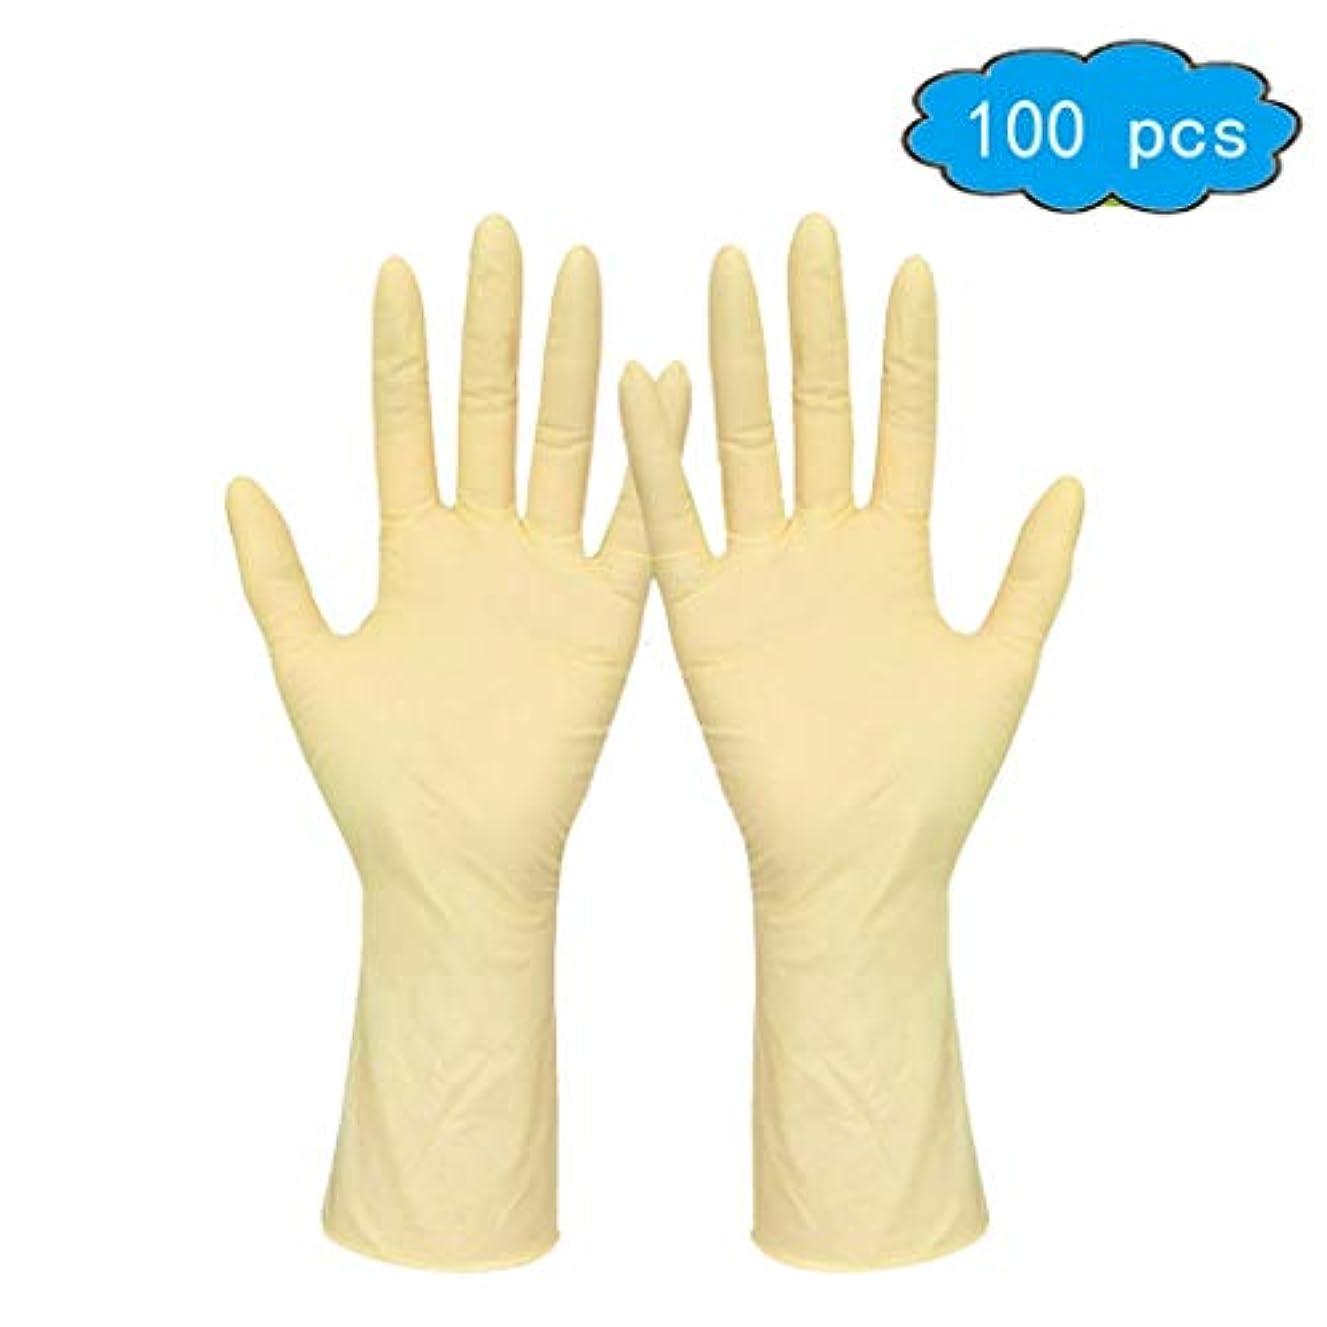 タッチやる包括的ラテックスグローブパウダーフリー/使い捨て食品準備調理用グローブ/キッチンフードサービスクリーニンググローブ(大)100手袋、非滅菌使い捨て安全手袋 (Color : Beige, Size : S)